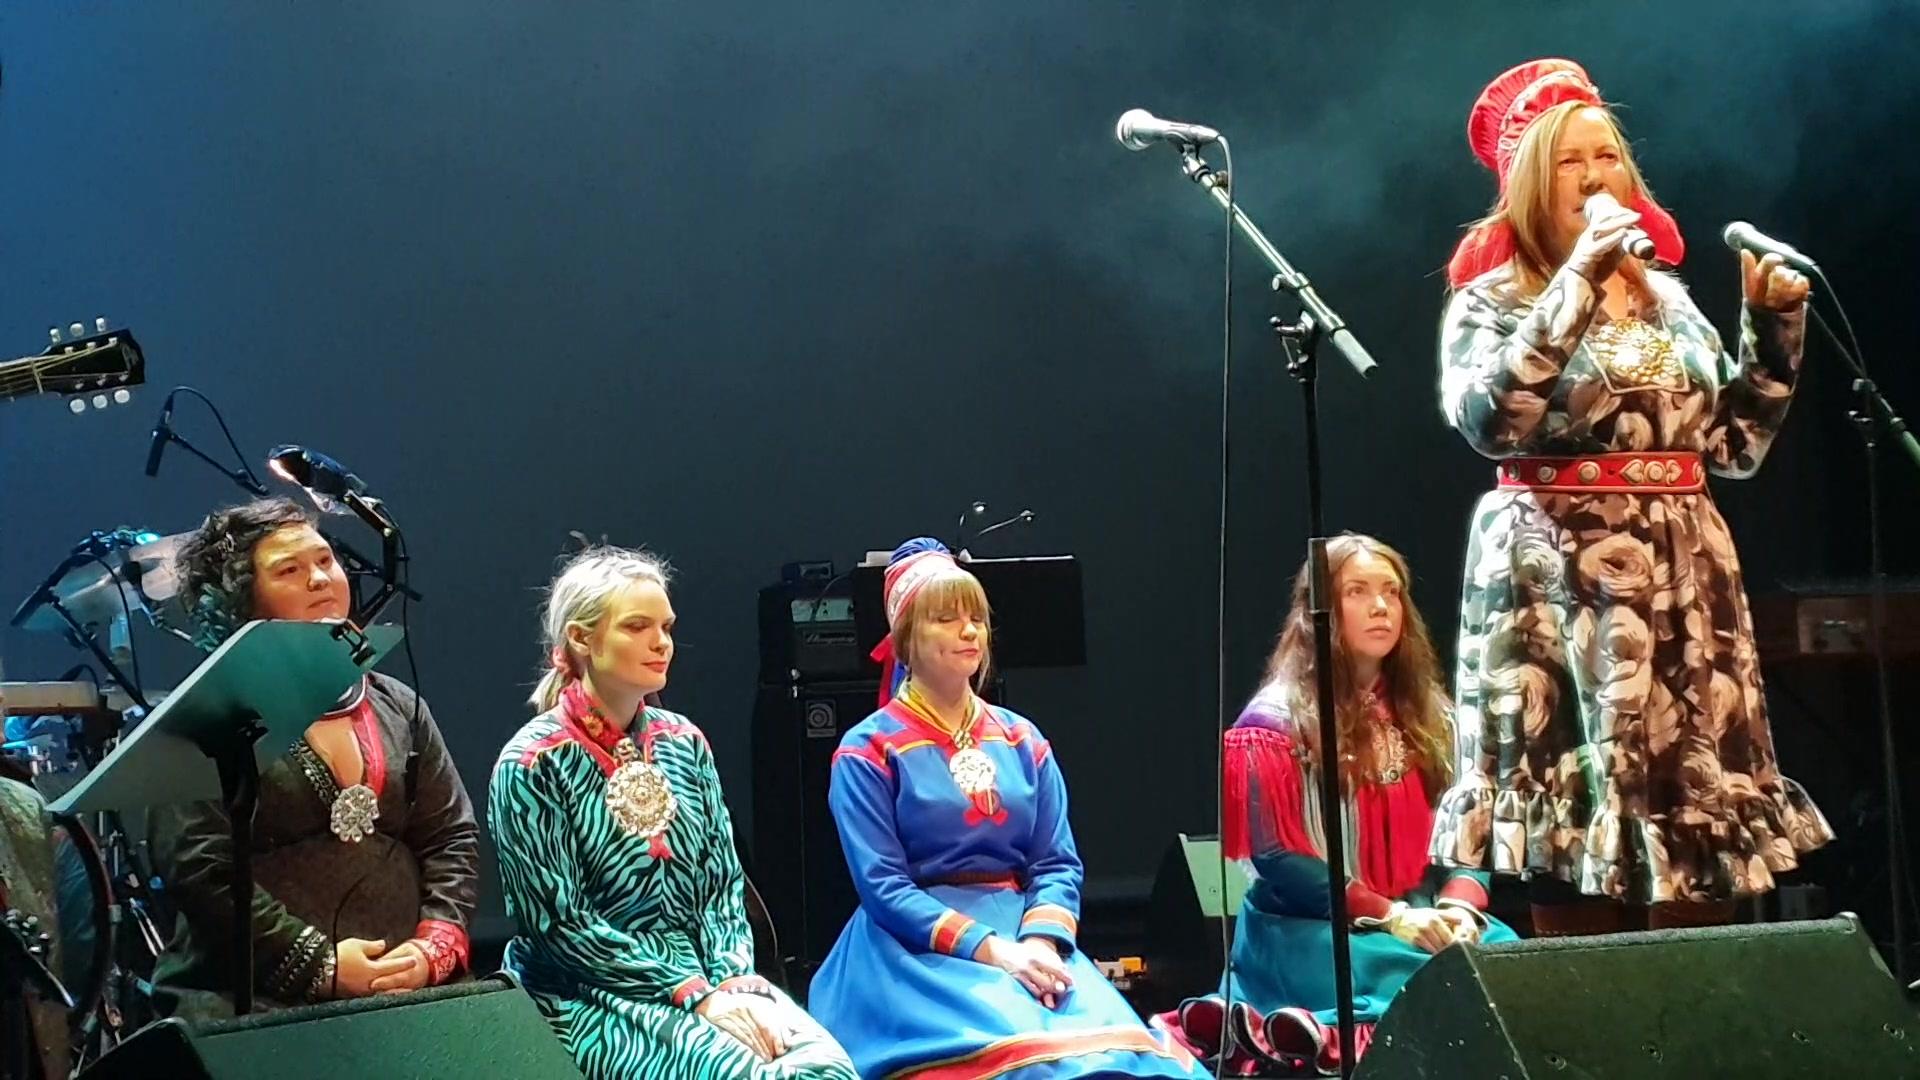 Avslutningsnummer samisk festkonsert Oslo 2feb19